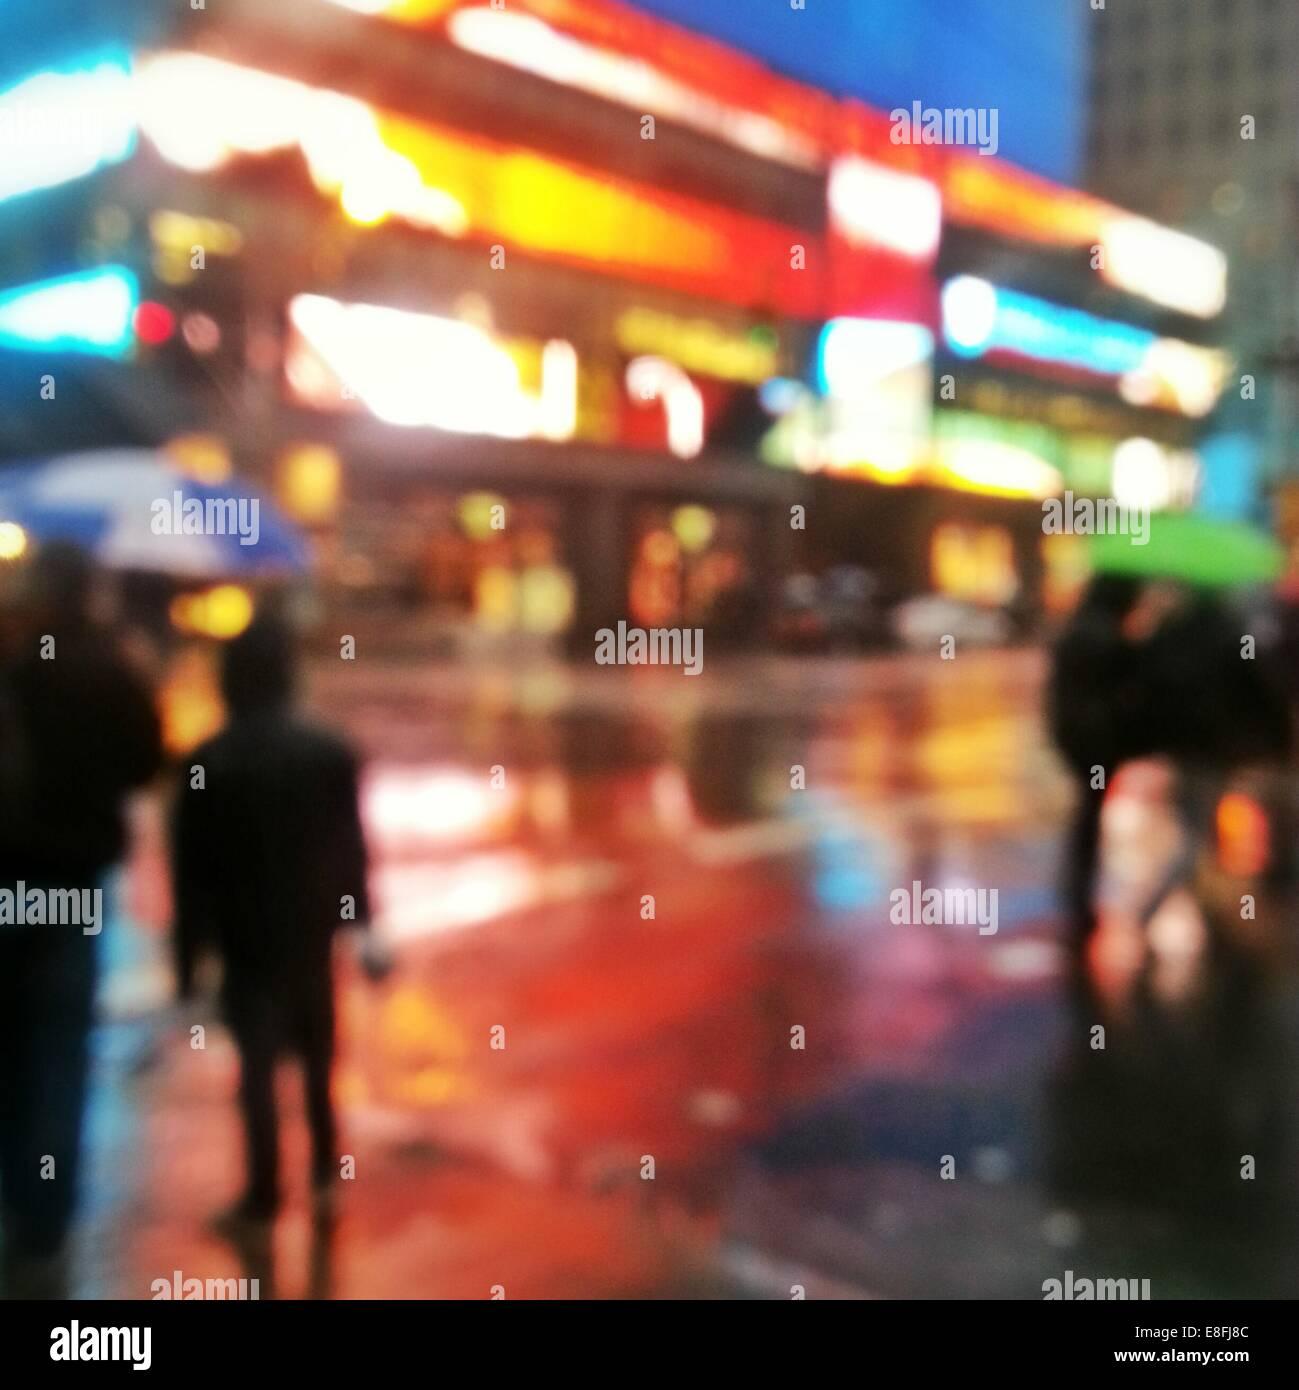 Urbano abstracto escena en la calle por la noche, Manhattan, Nueva York, Estados Unidos, EE.UU. Imagen De Stock